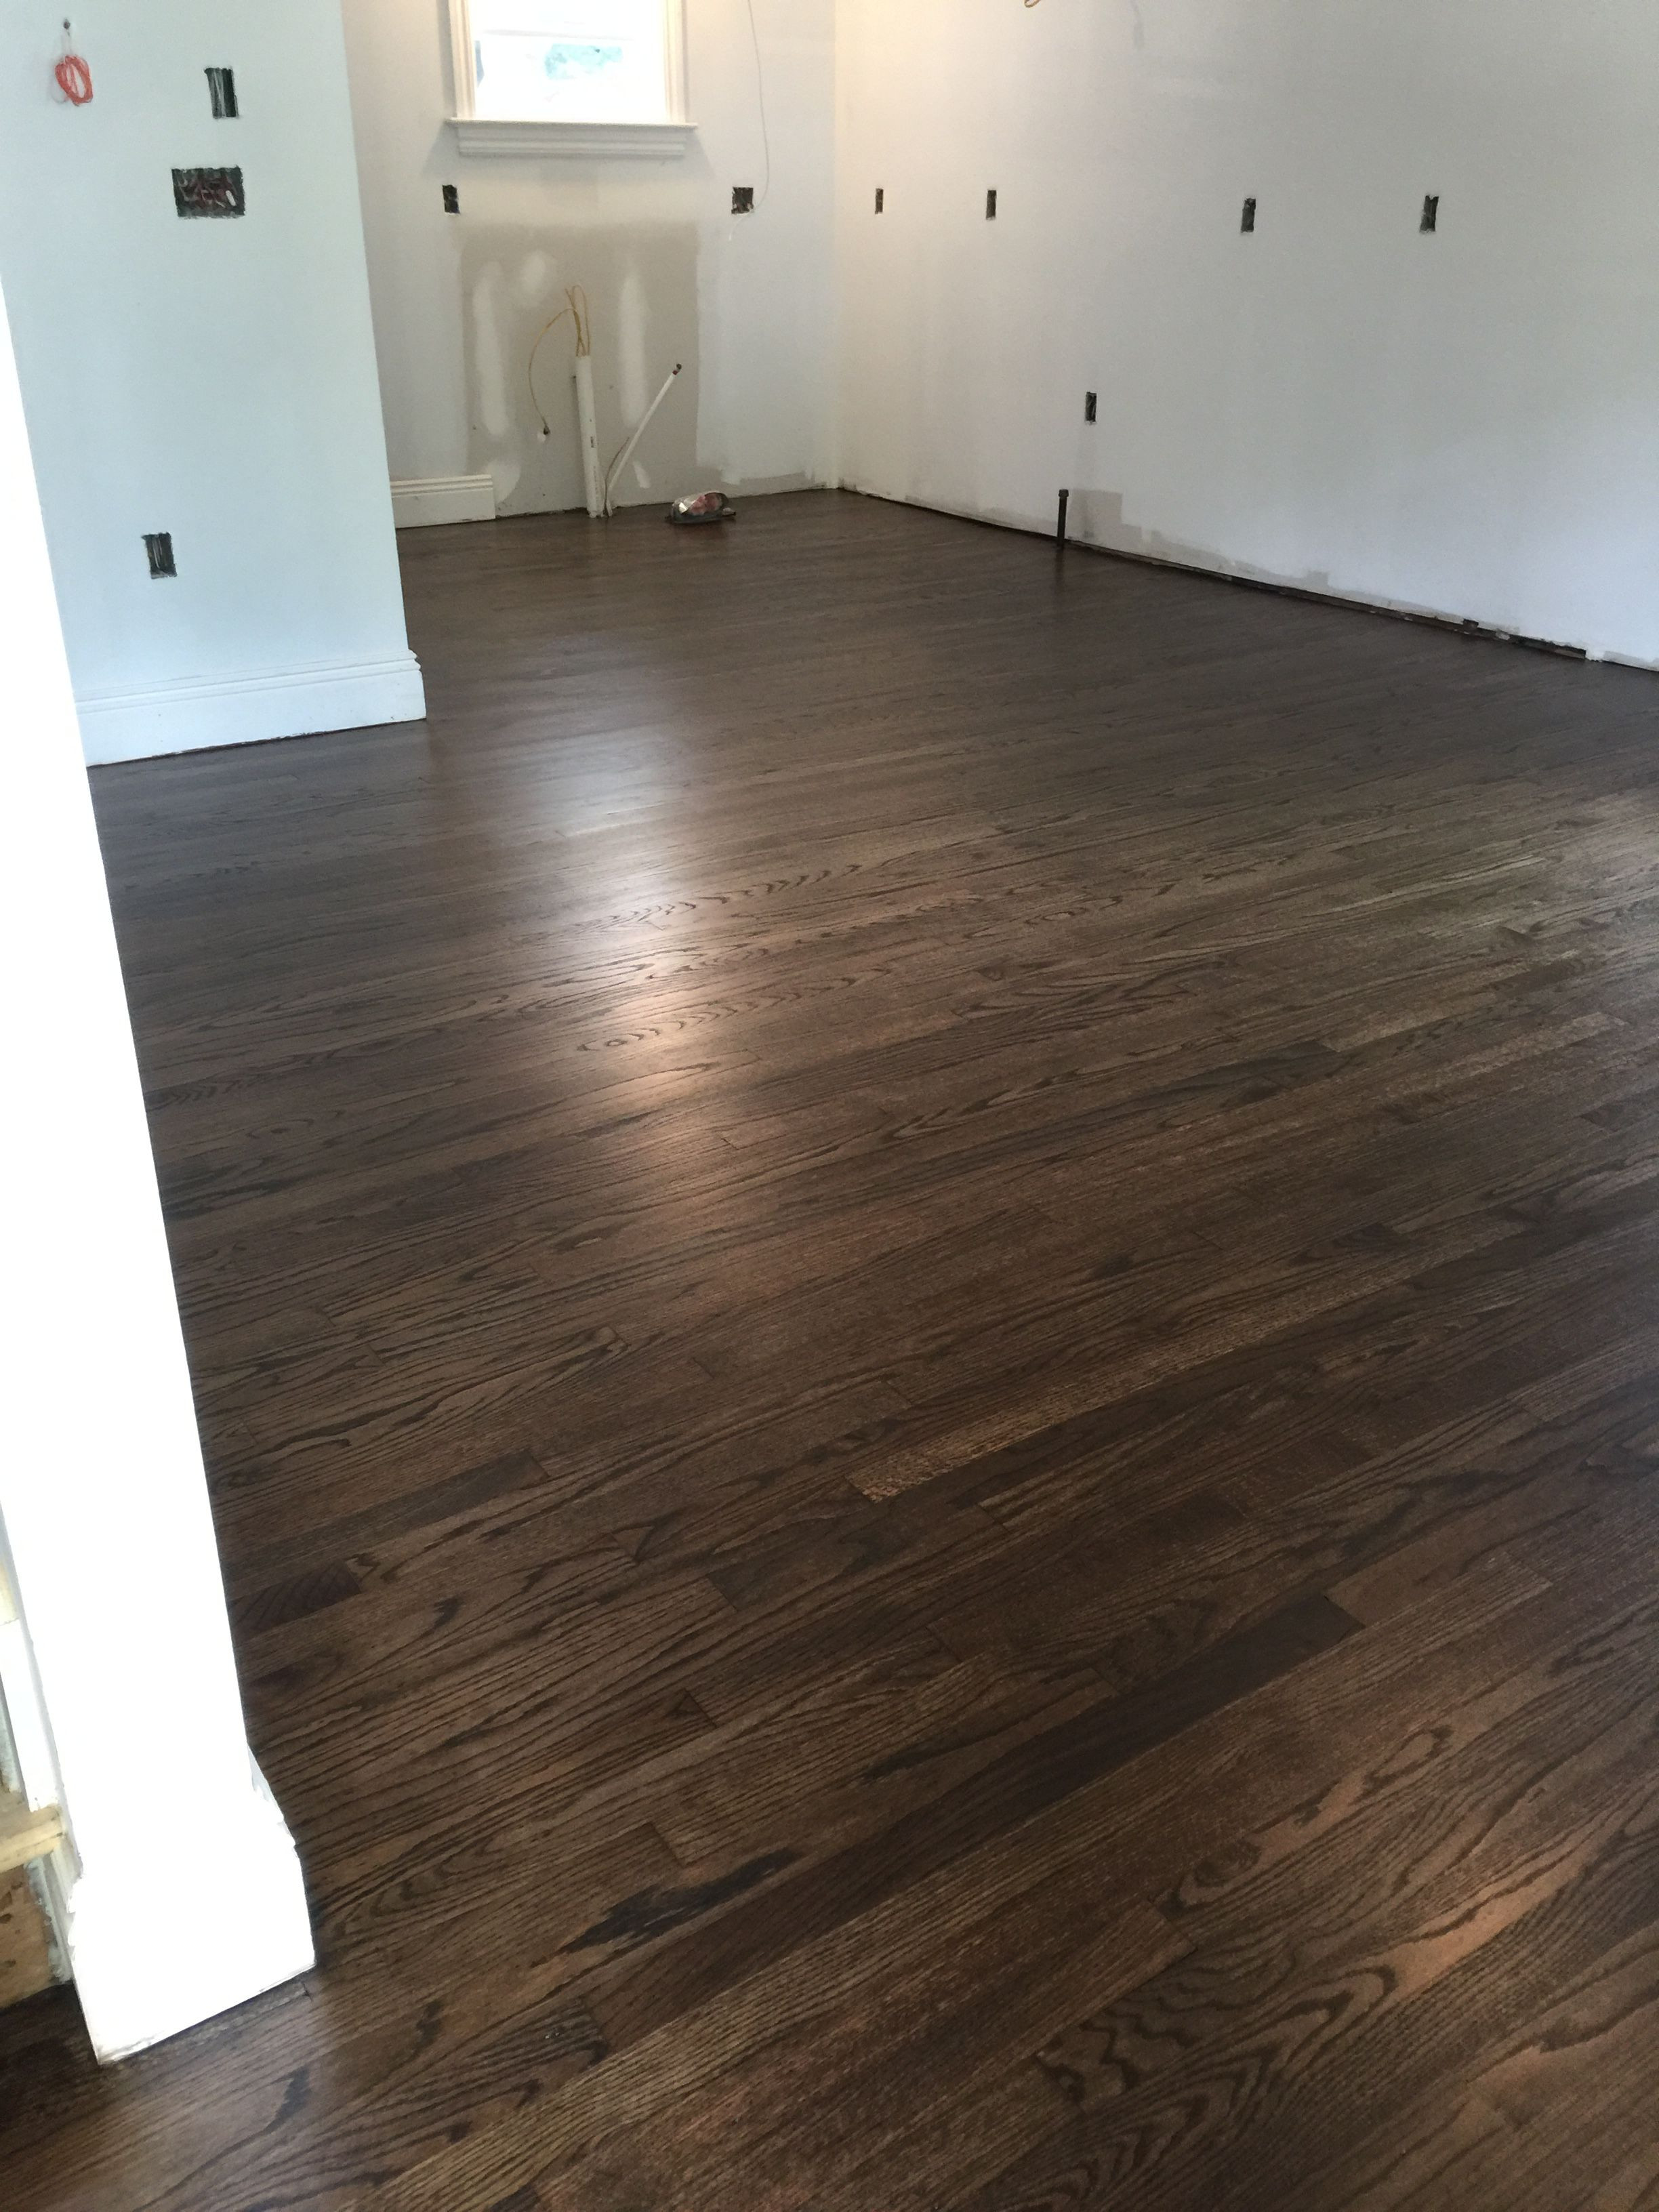 hardwood floor refinishing ottawa ontario of refinishing old hardwood floors do you have a wooden floor that regarding refinishing old hardwood floors jacobean stain on white oak